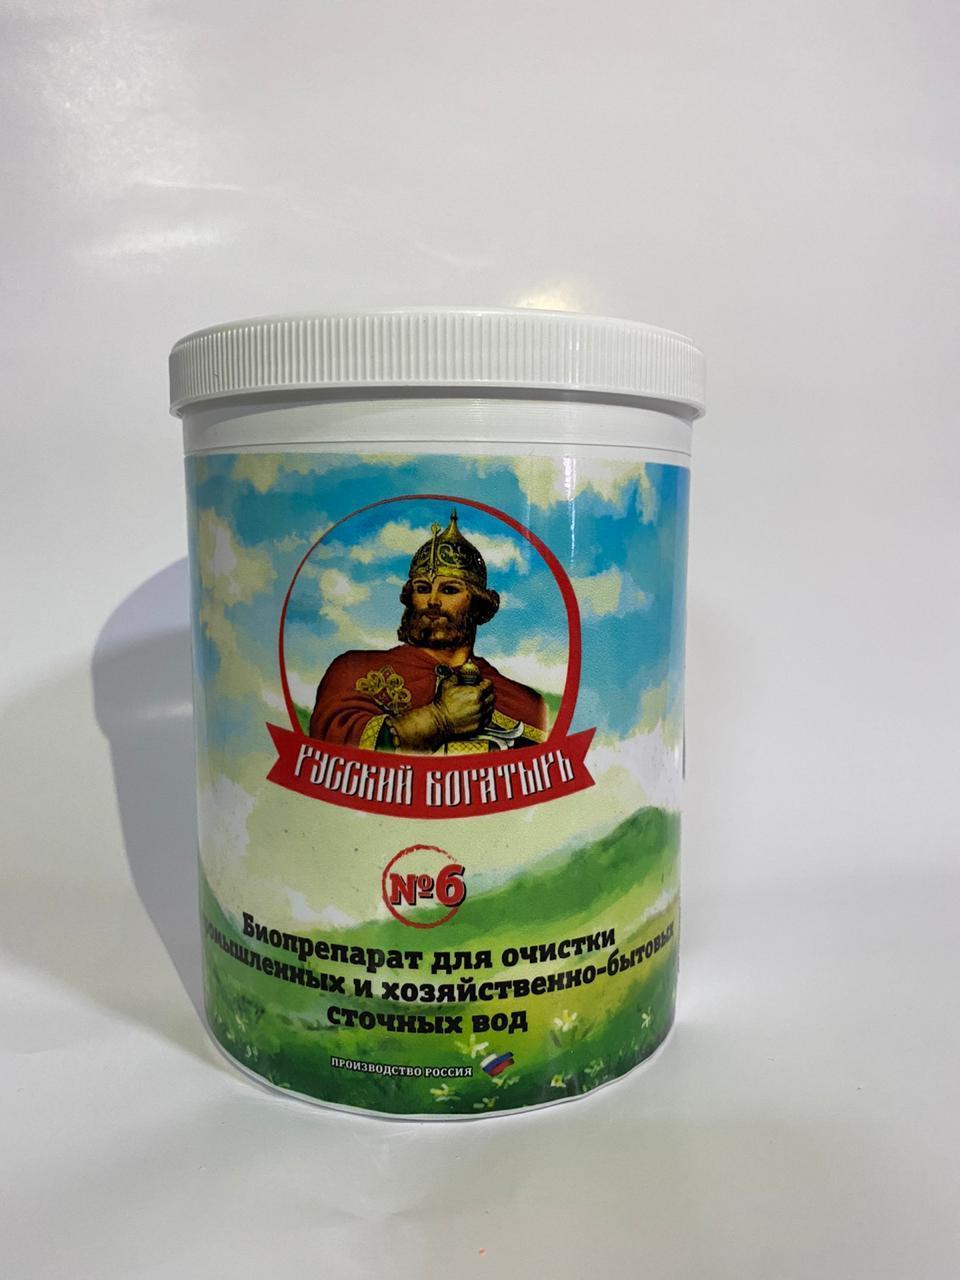 Для расщепления органических загрязнений, белков, жиров, масел, углеводов Русский богатырь №6 5 кг